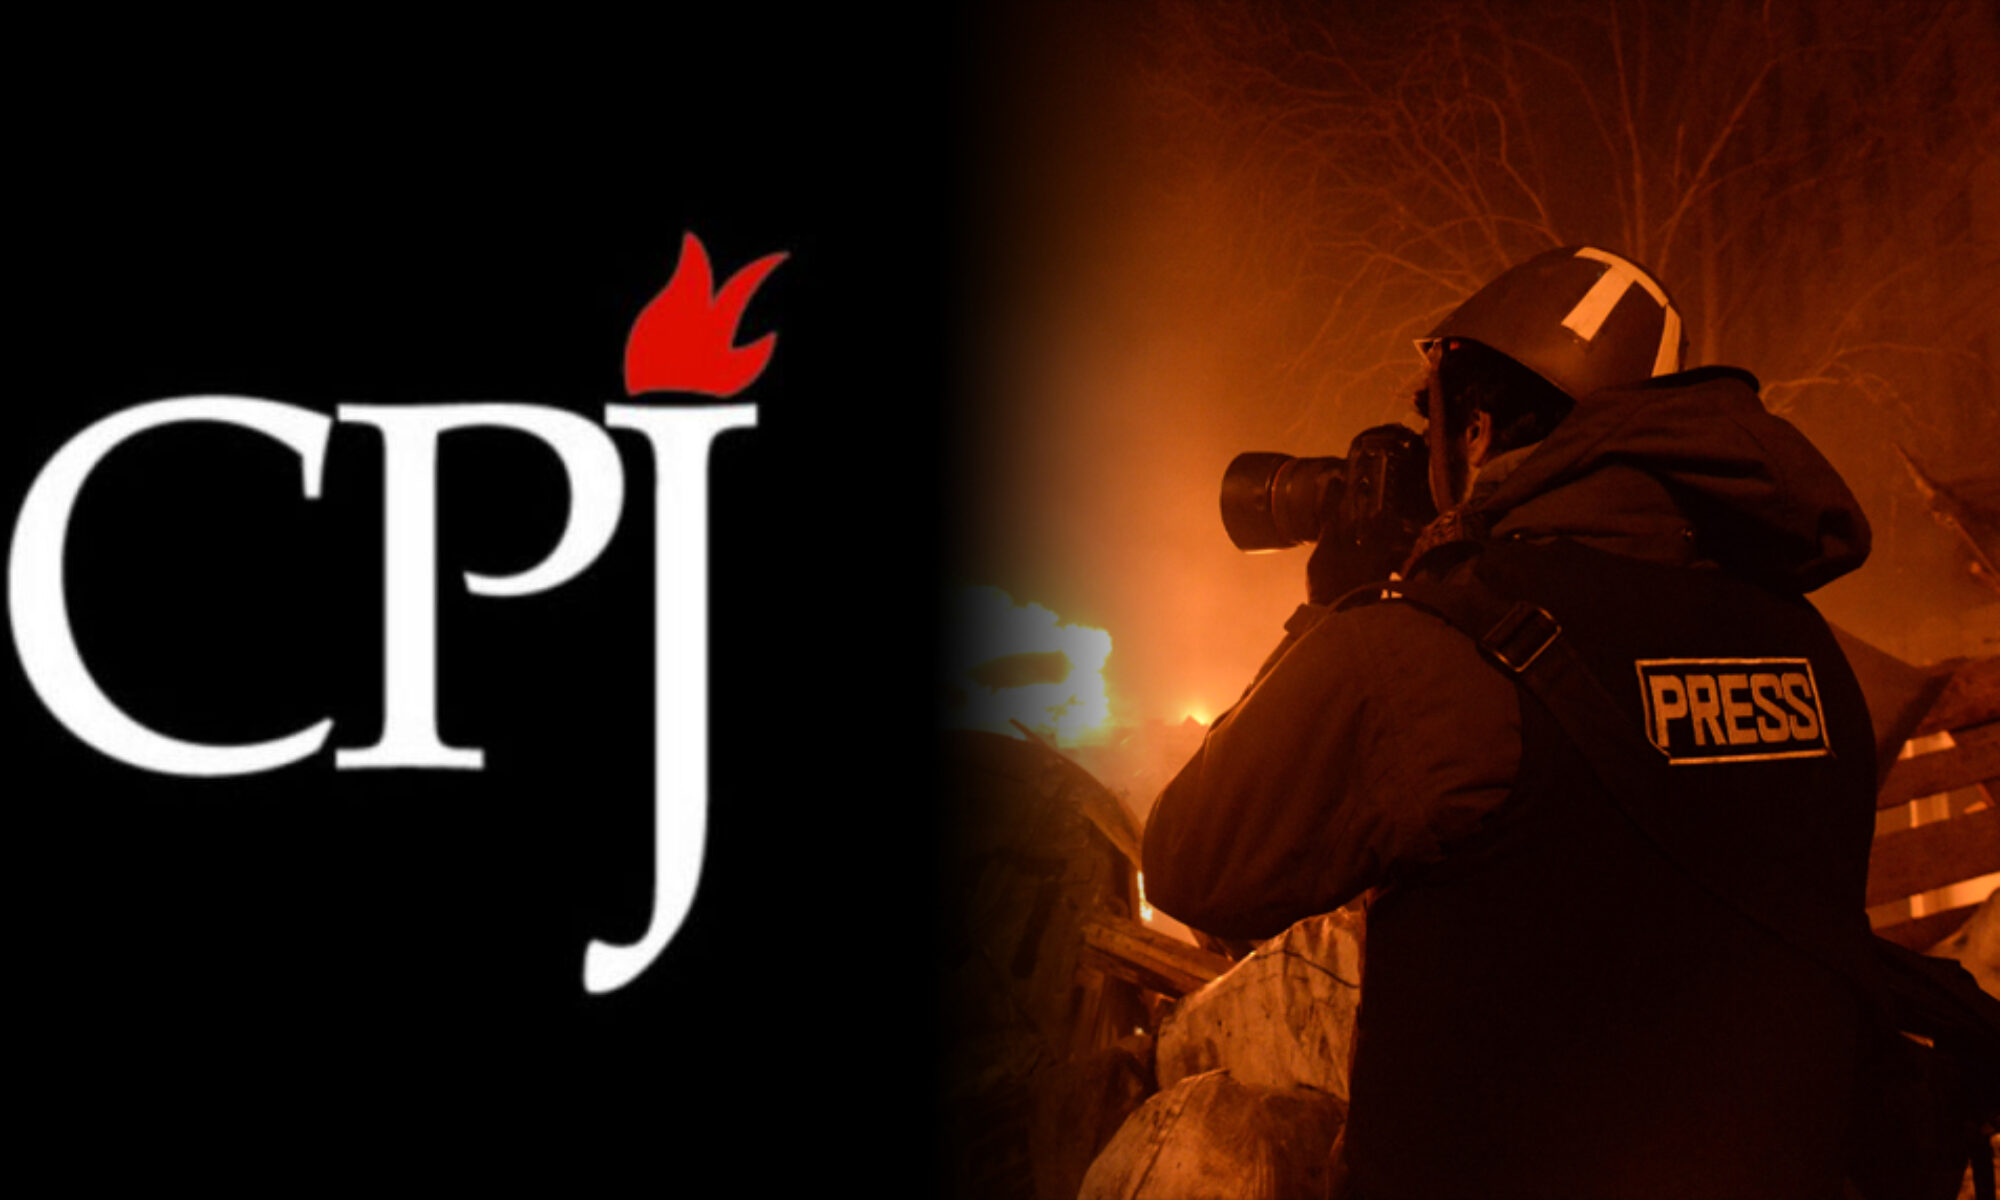 CPJ'den Kurdistan24'ün kapatılmasına dönük açıklama: Eleştiri ve farklı görüşleri kabul etmeyi öğrenmelilerPYD; ROjava Özerk yönetim